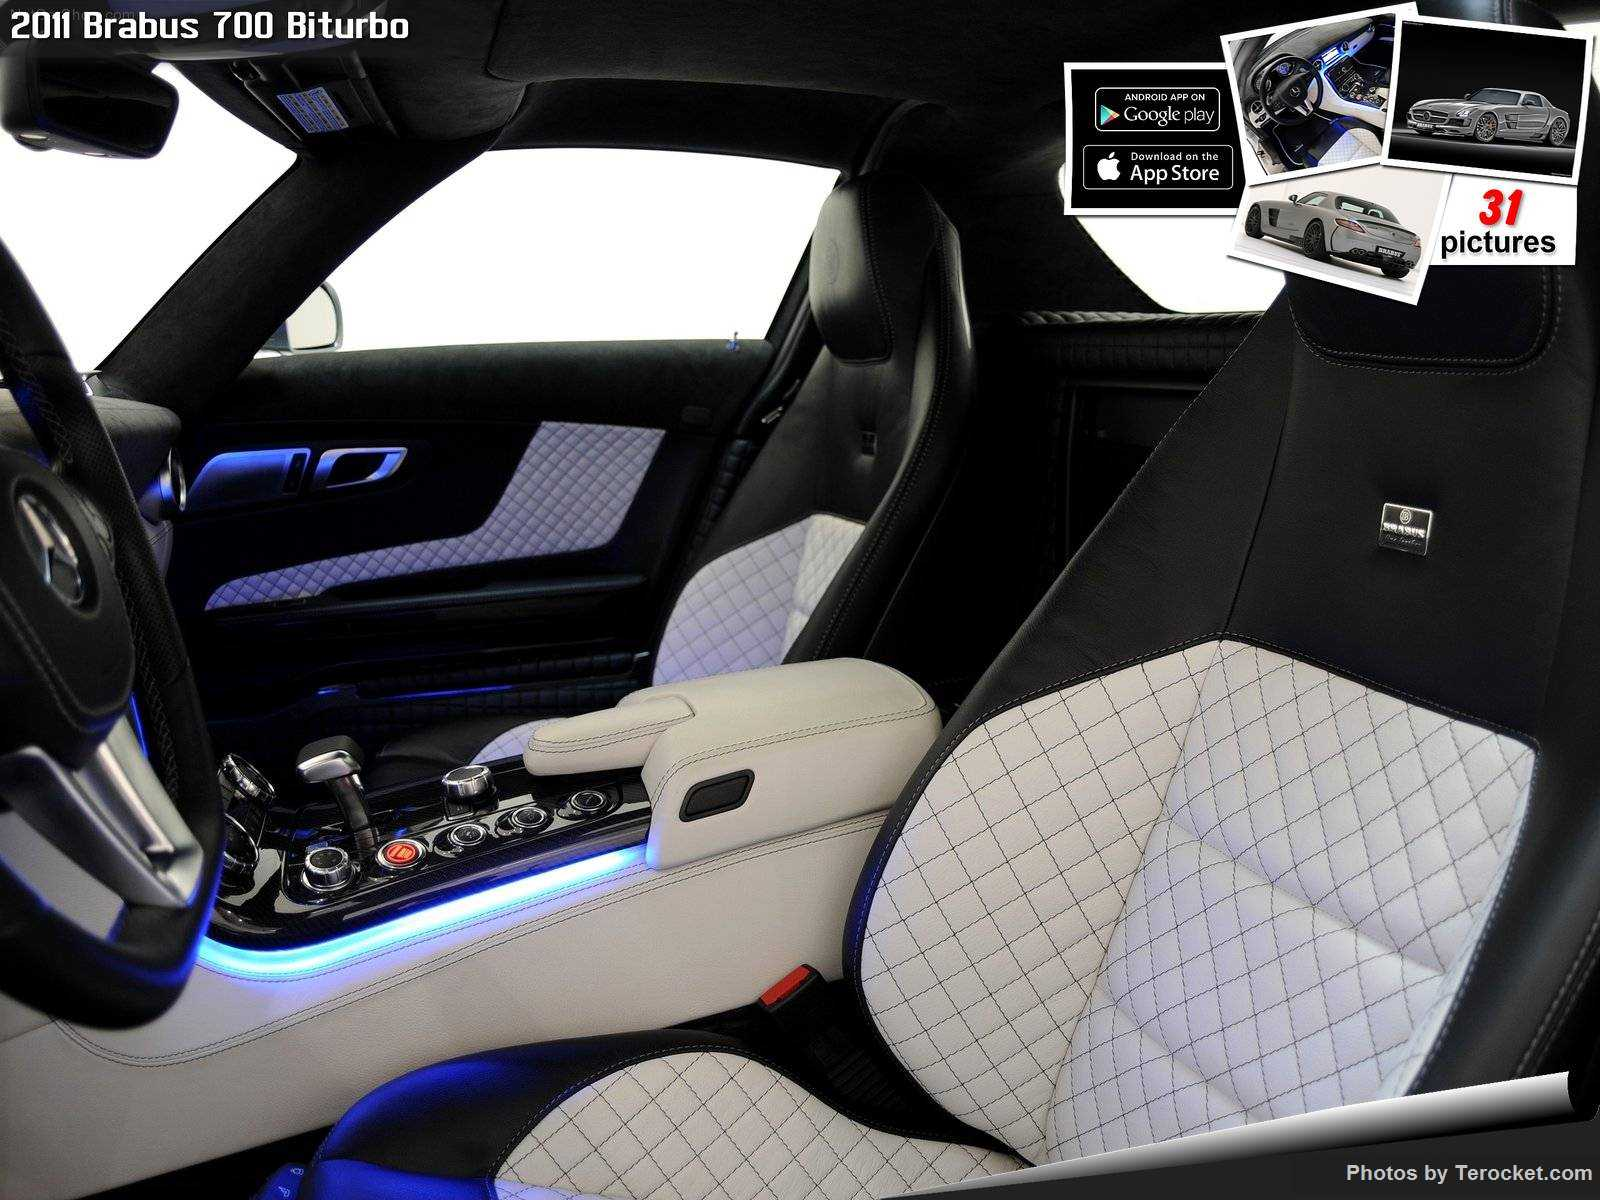 Hình ảnh xe ô tô Brabus 700 Biturbo 2011 & nội ngoại thất